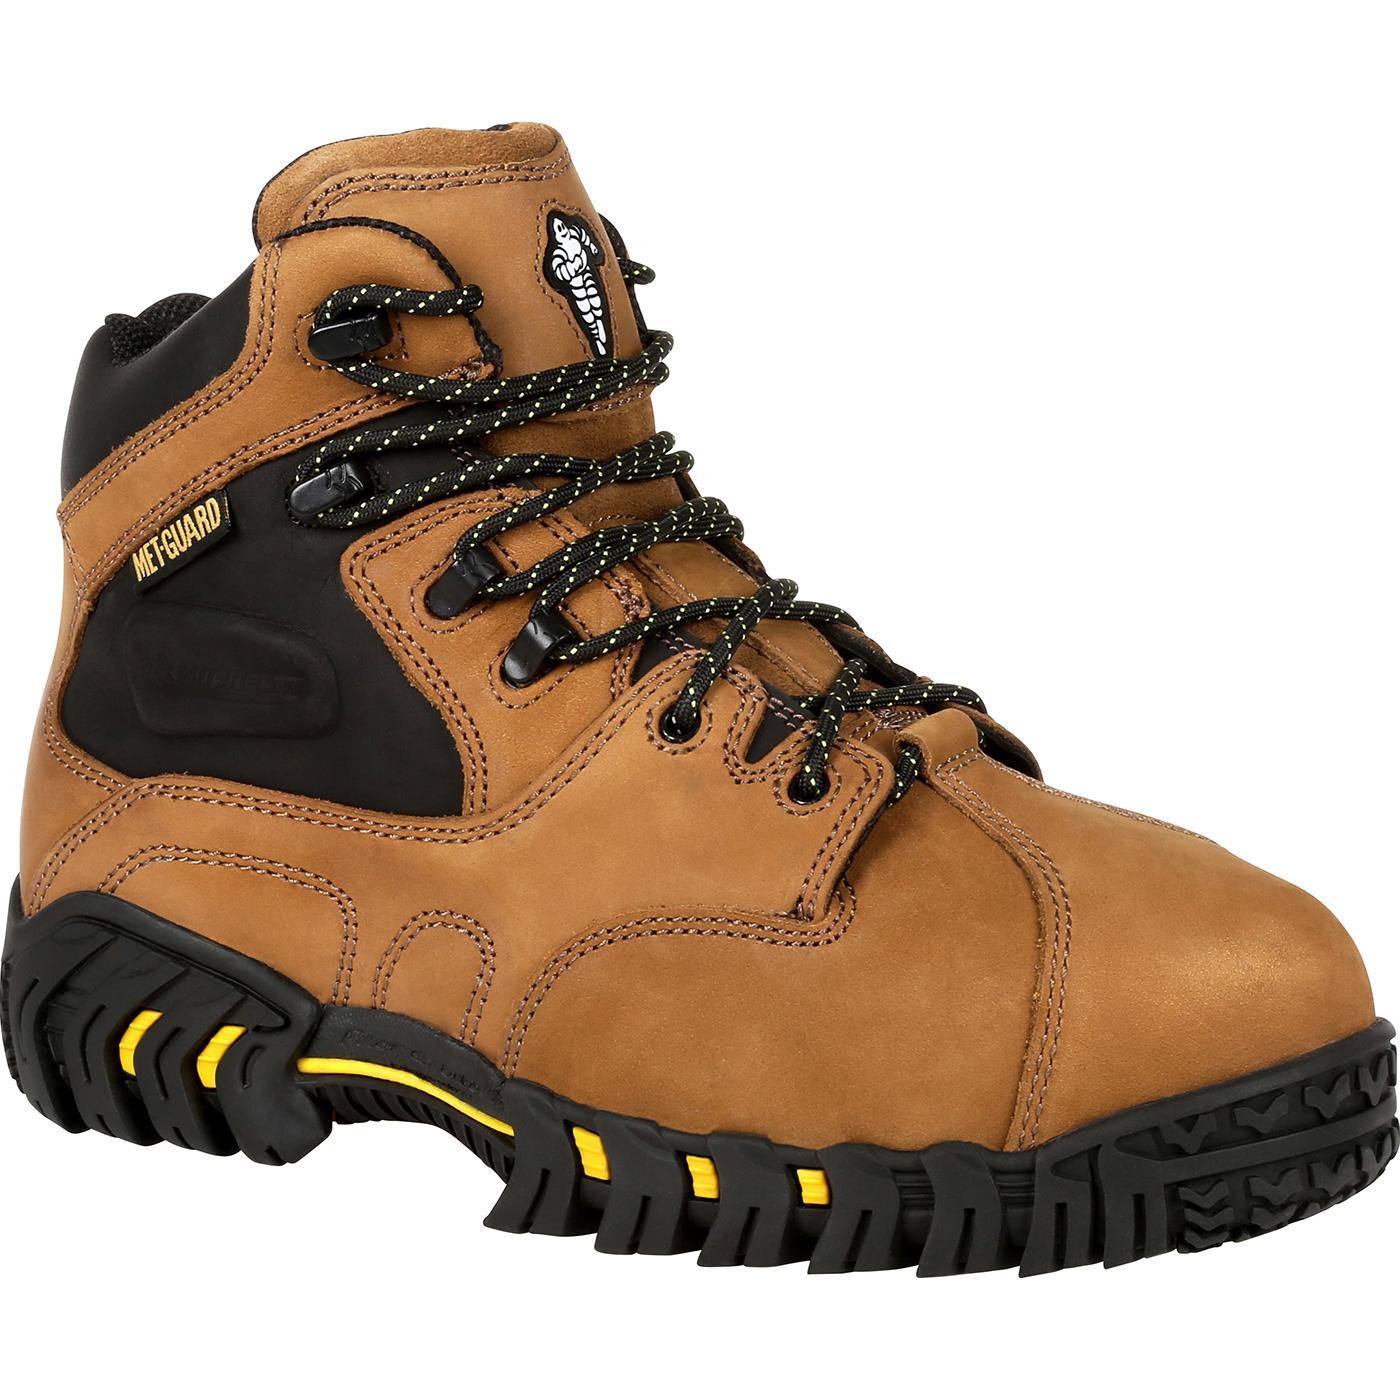 6bb66c081f827c Michelin® Steel Toe Internal Met Guard Work BootMichelin® Steel Toe  Internal Met Guard Work Boot,